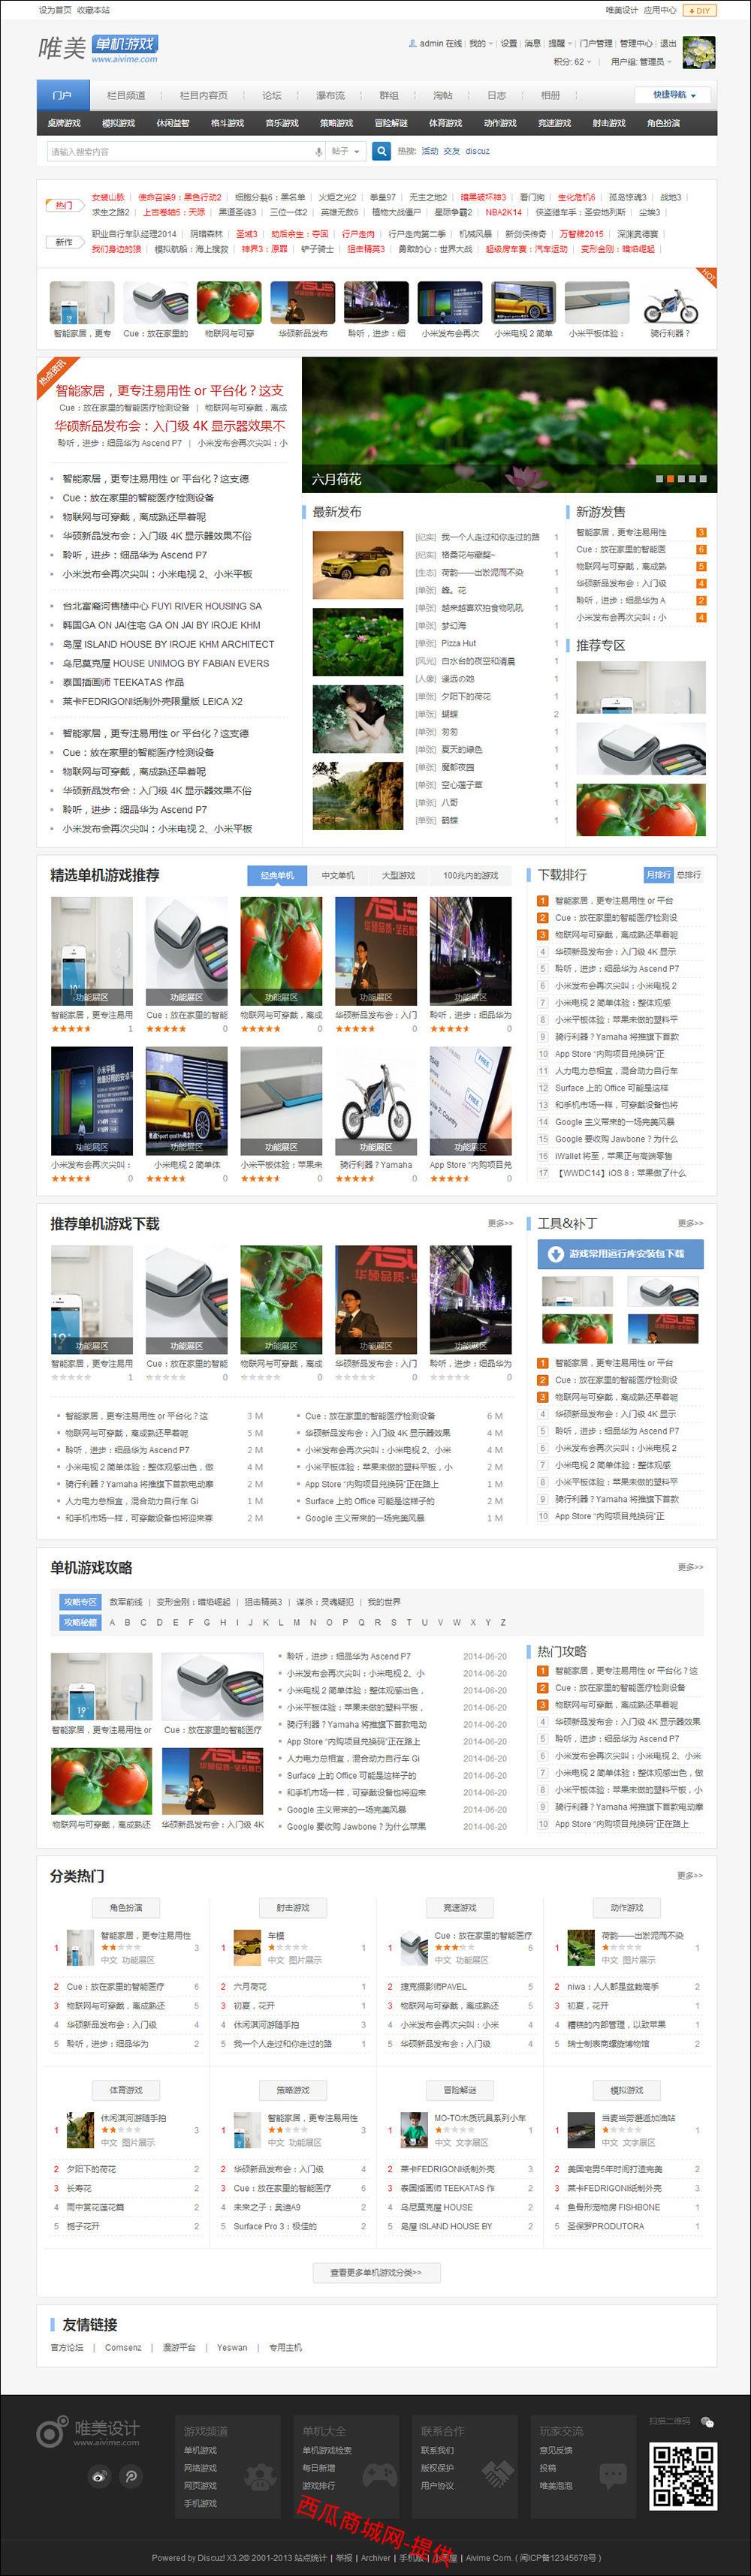 【价值300元】游戏资讯技术门户全功能GBK+UTF8_免费下载